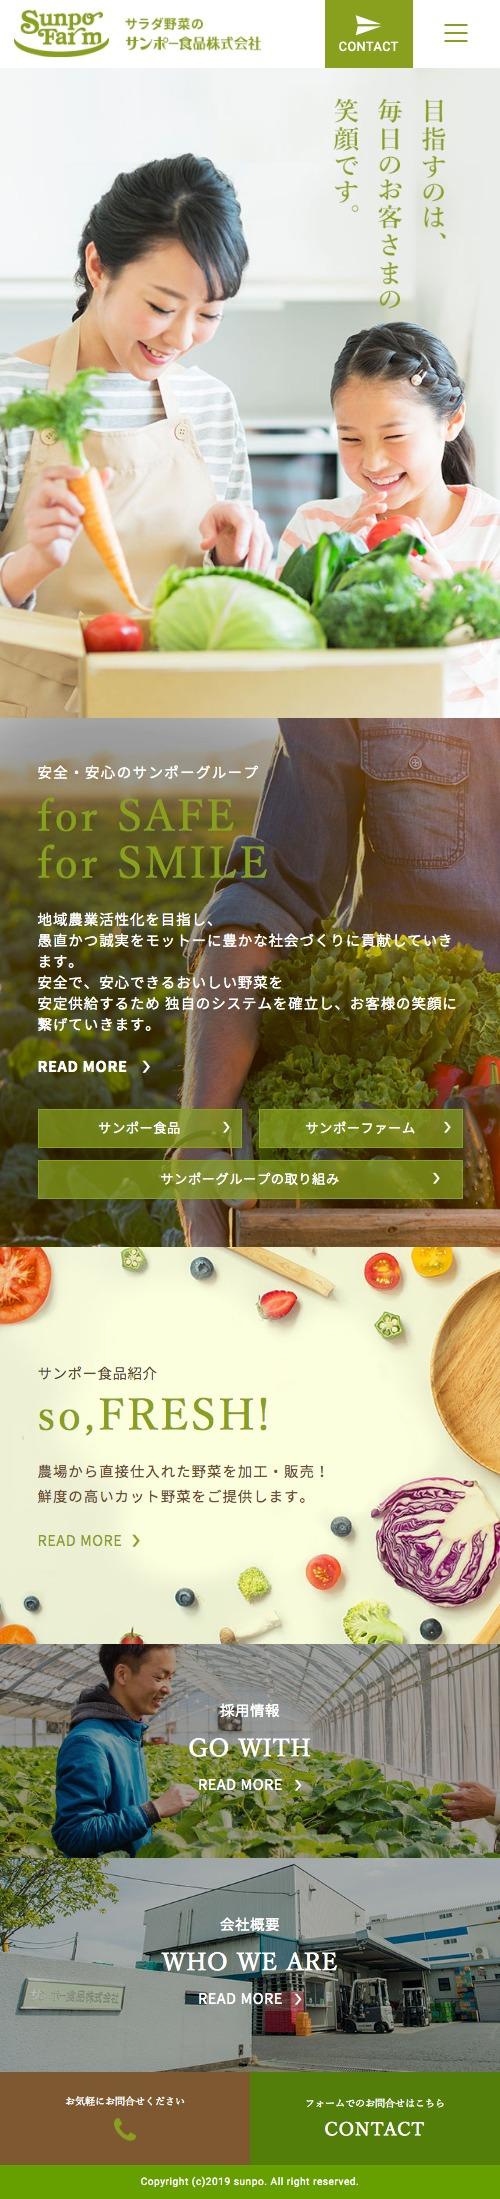 ホームページ制作実績サンポー食品様 コーポレートサイト